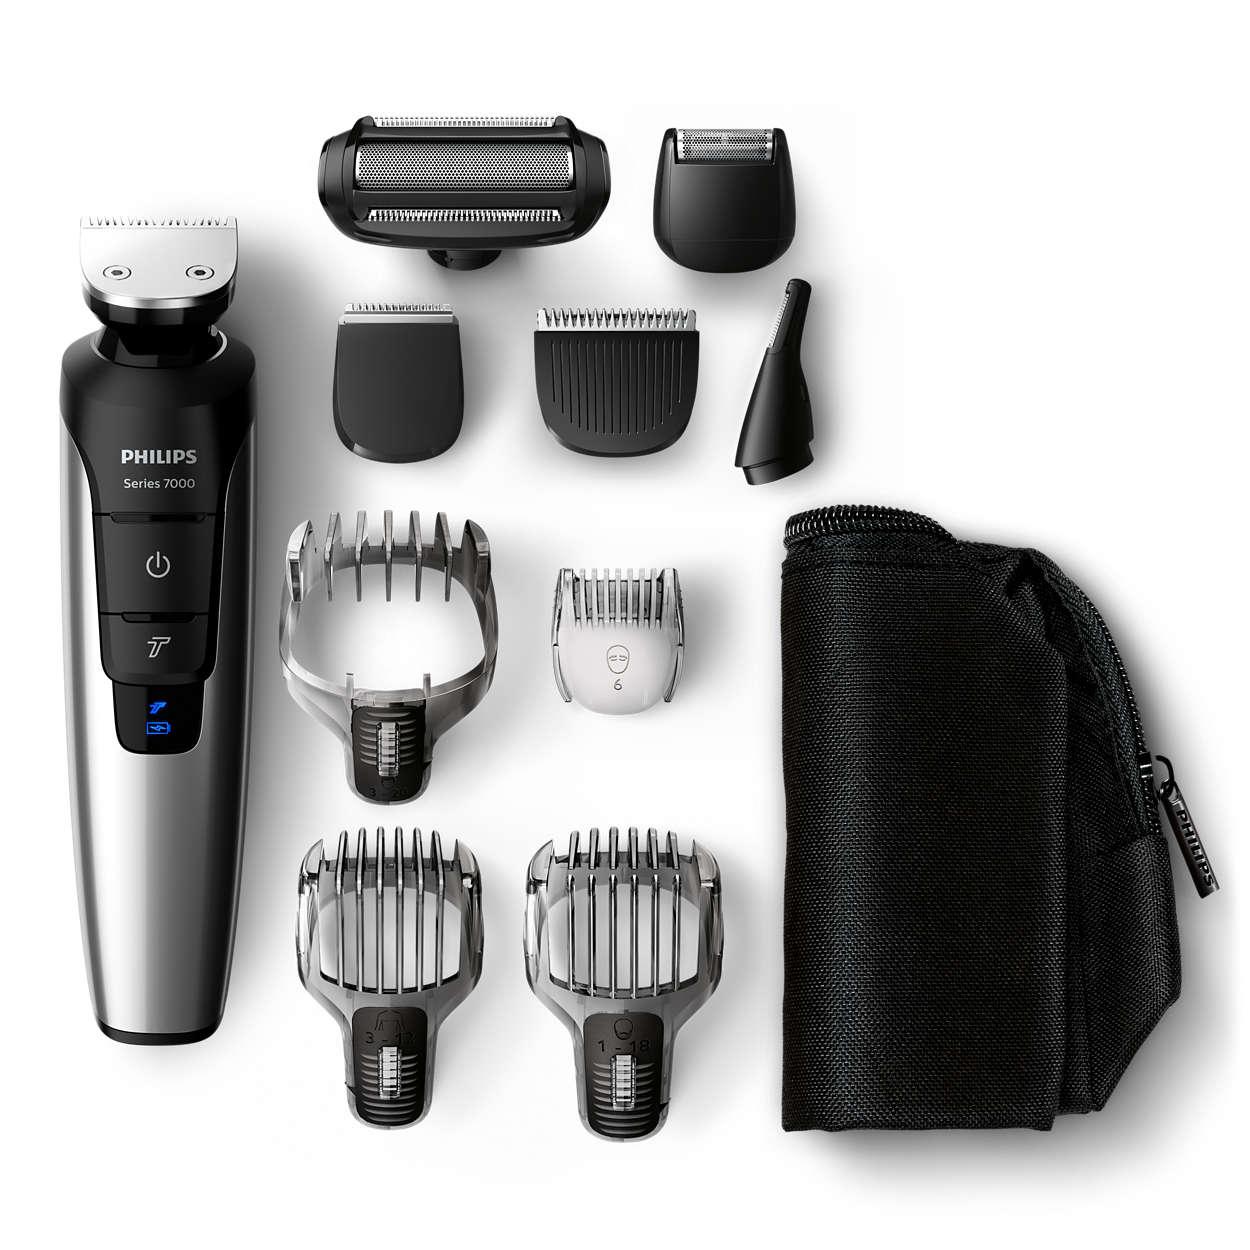 Recortador de barba, pelo y cuerpo de iones de litio todo en uno